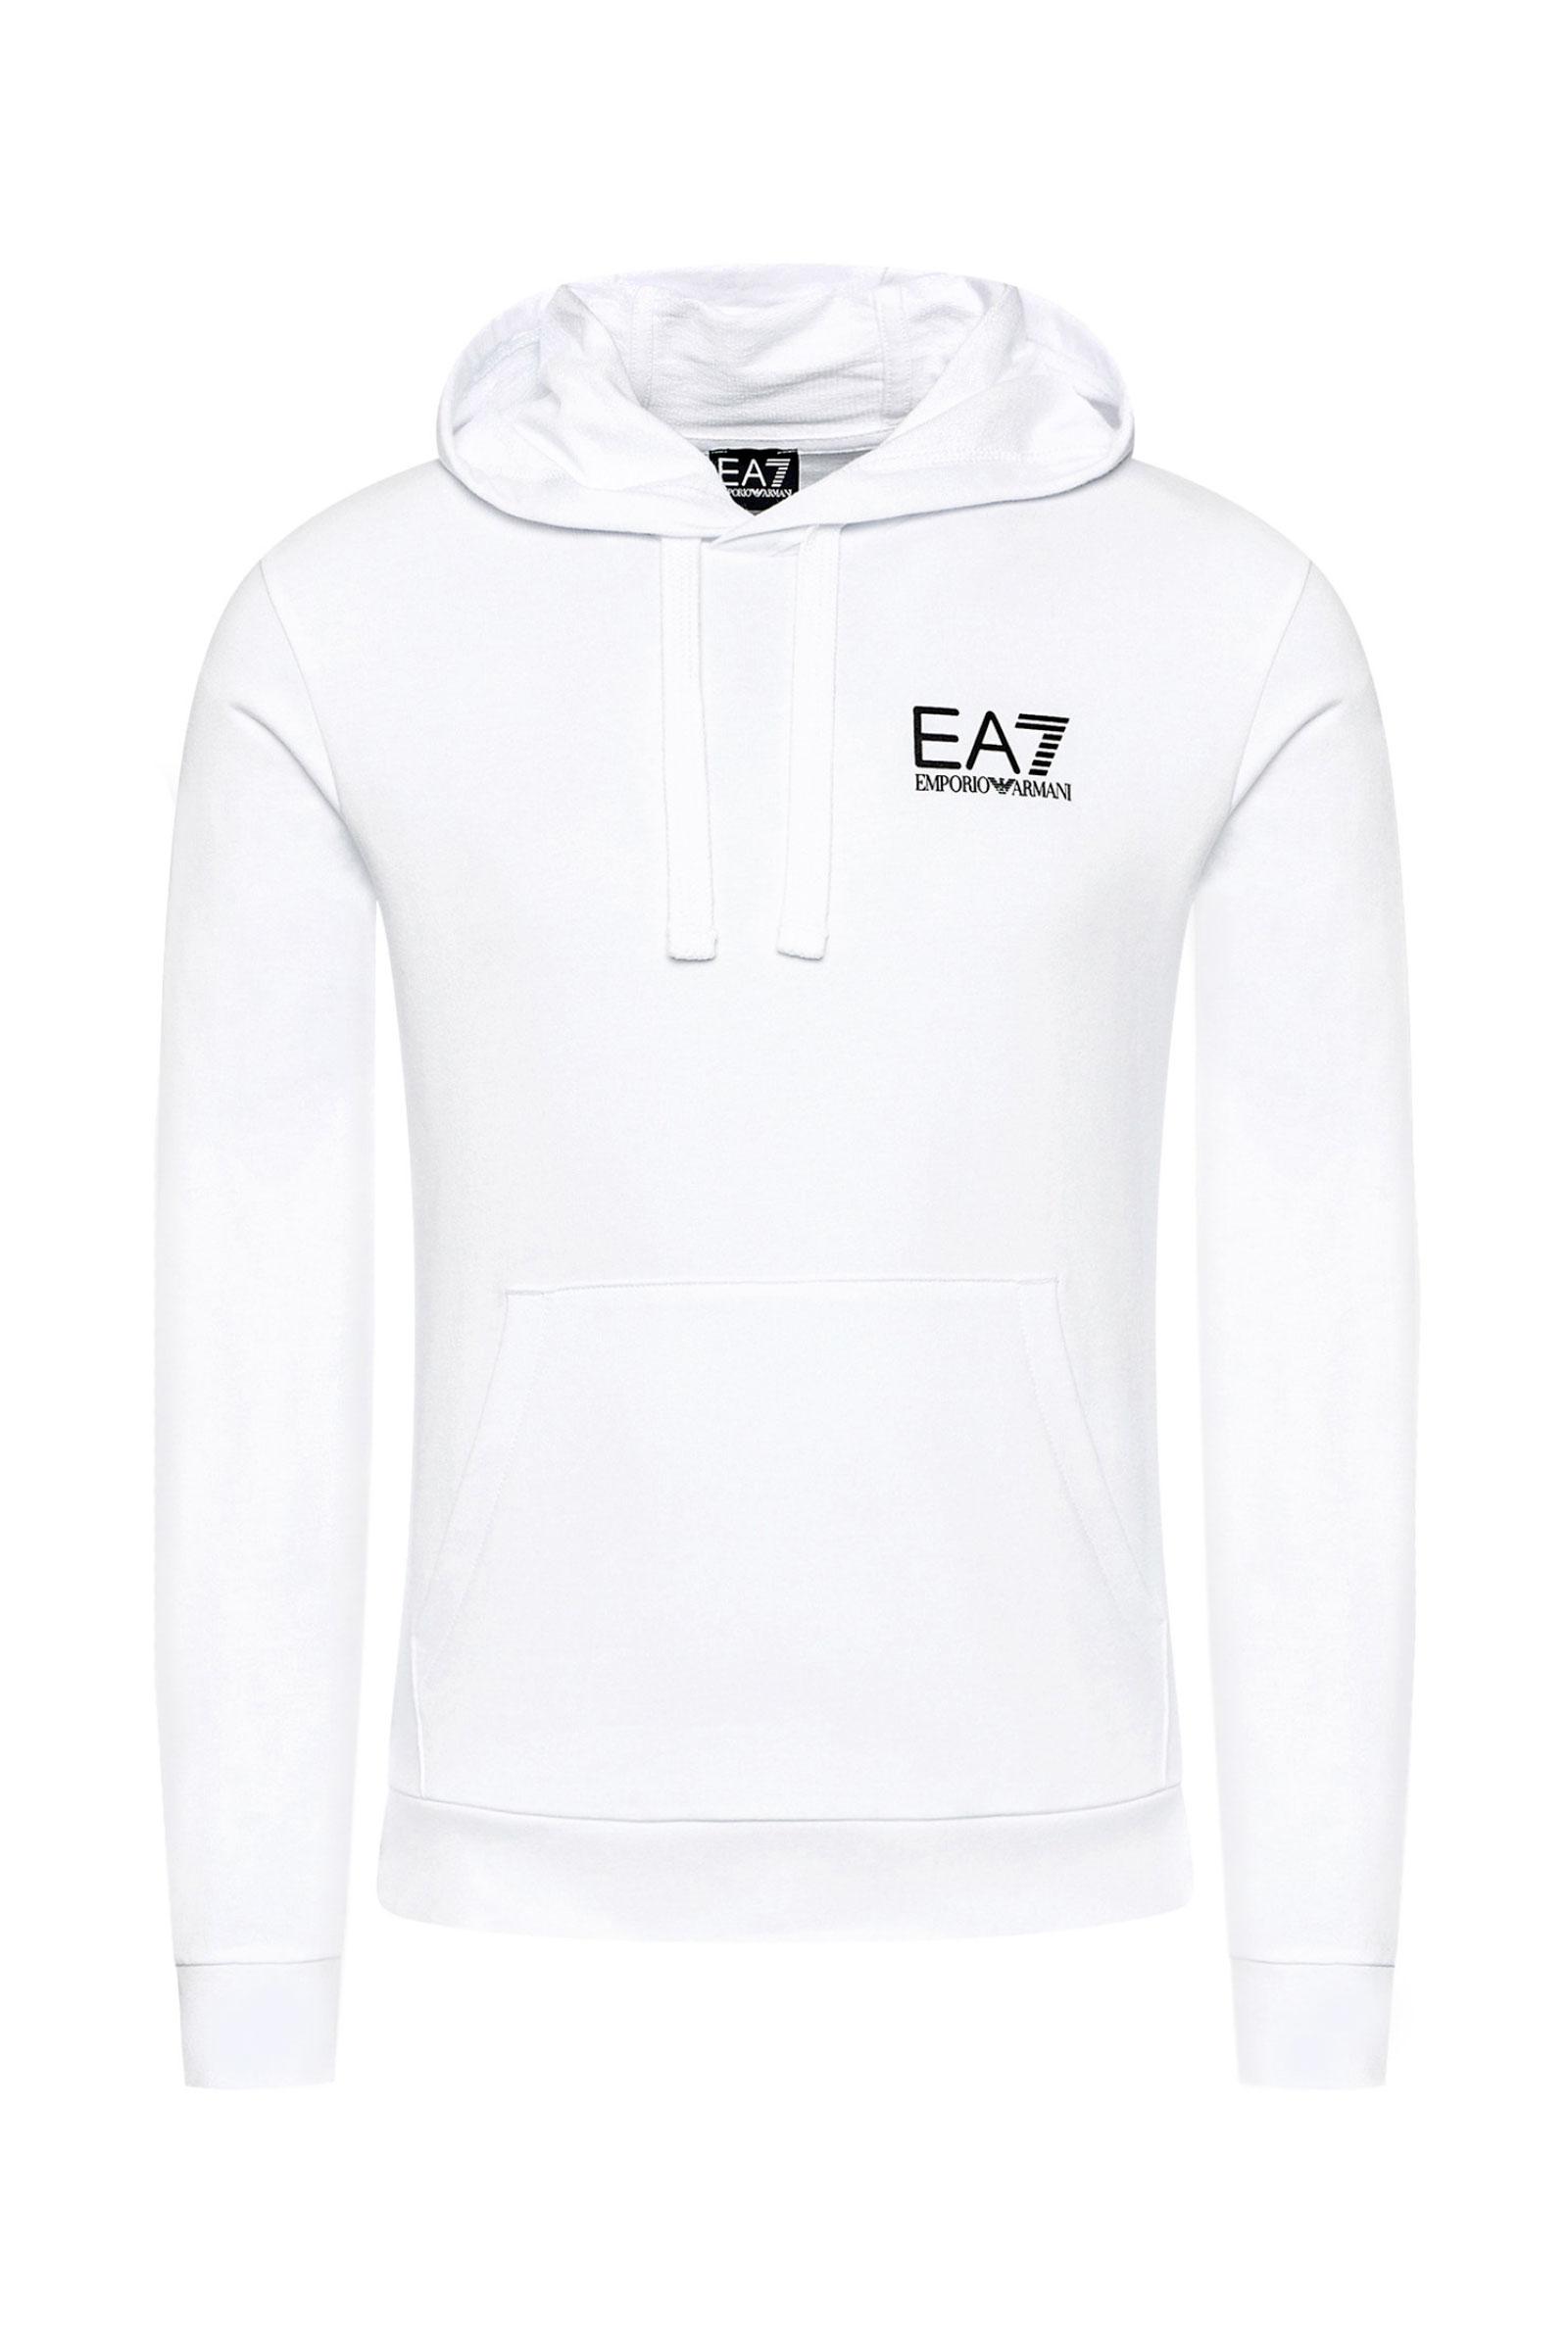 ARMANI EA7 Men's Sweatshirt ARMANI EA7   Sweatshirt   3KPM31 PJ8LZ1100